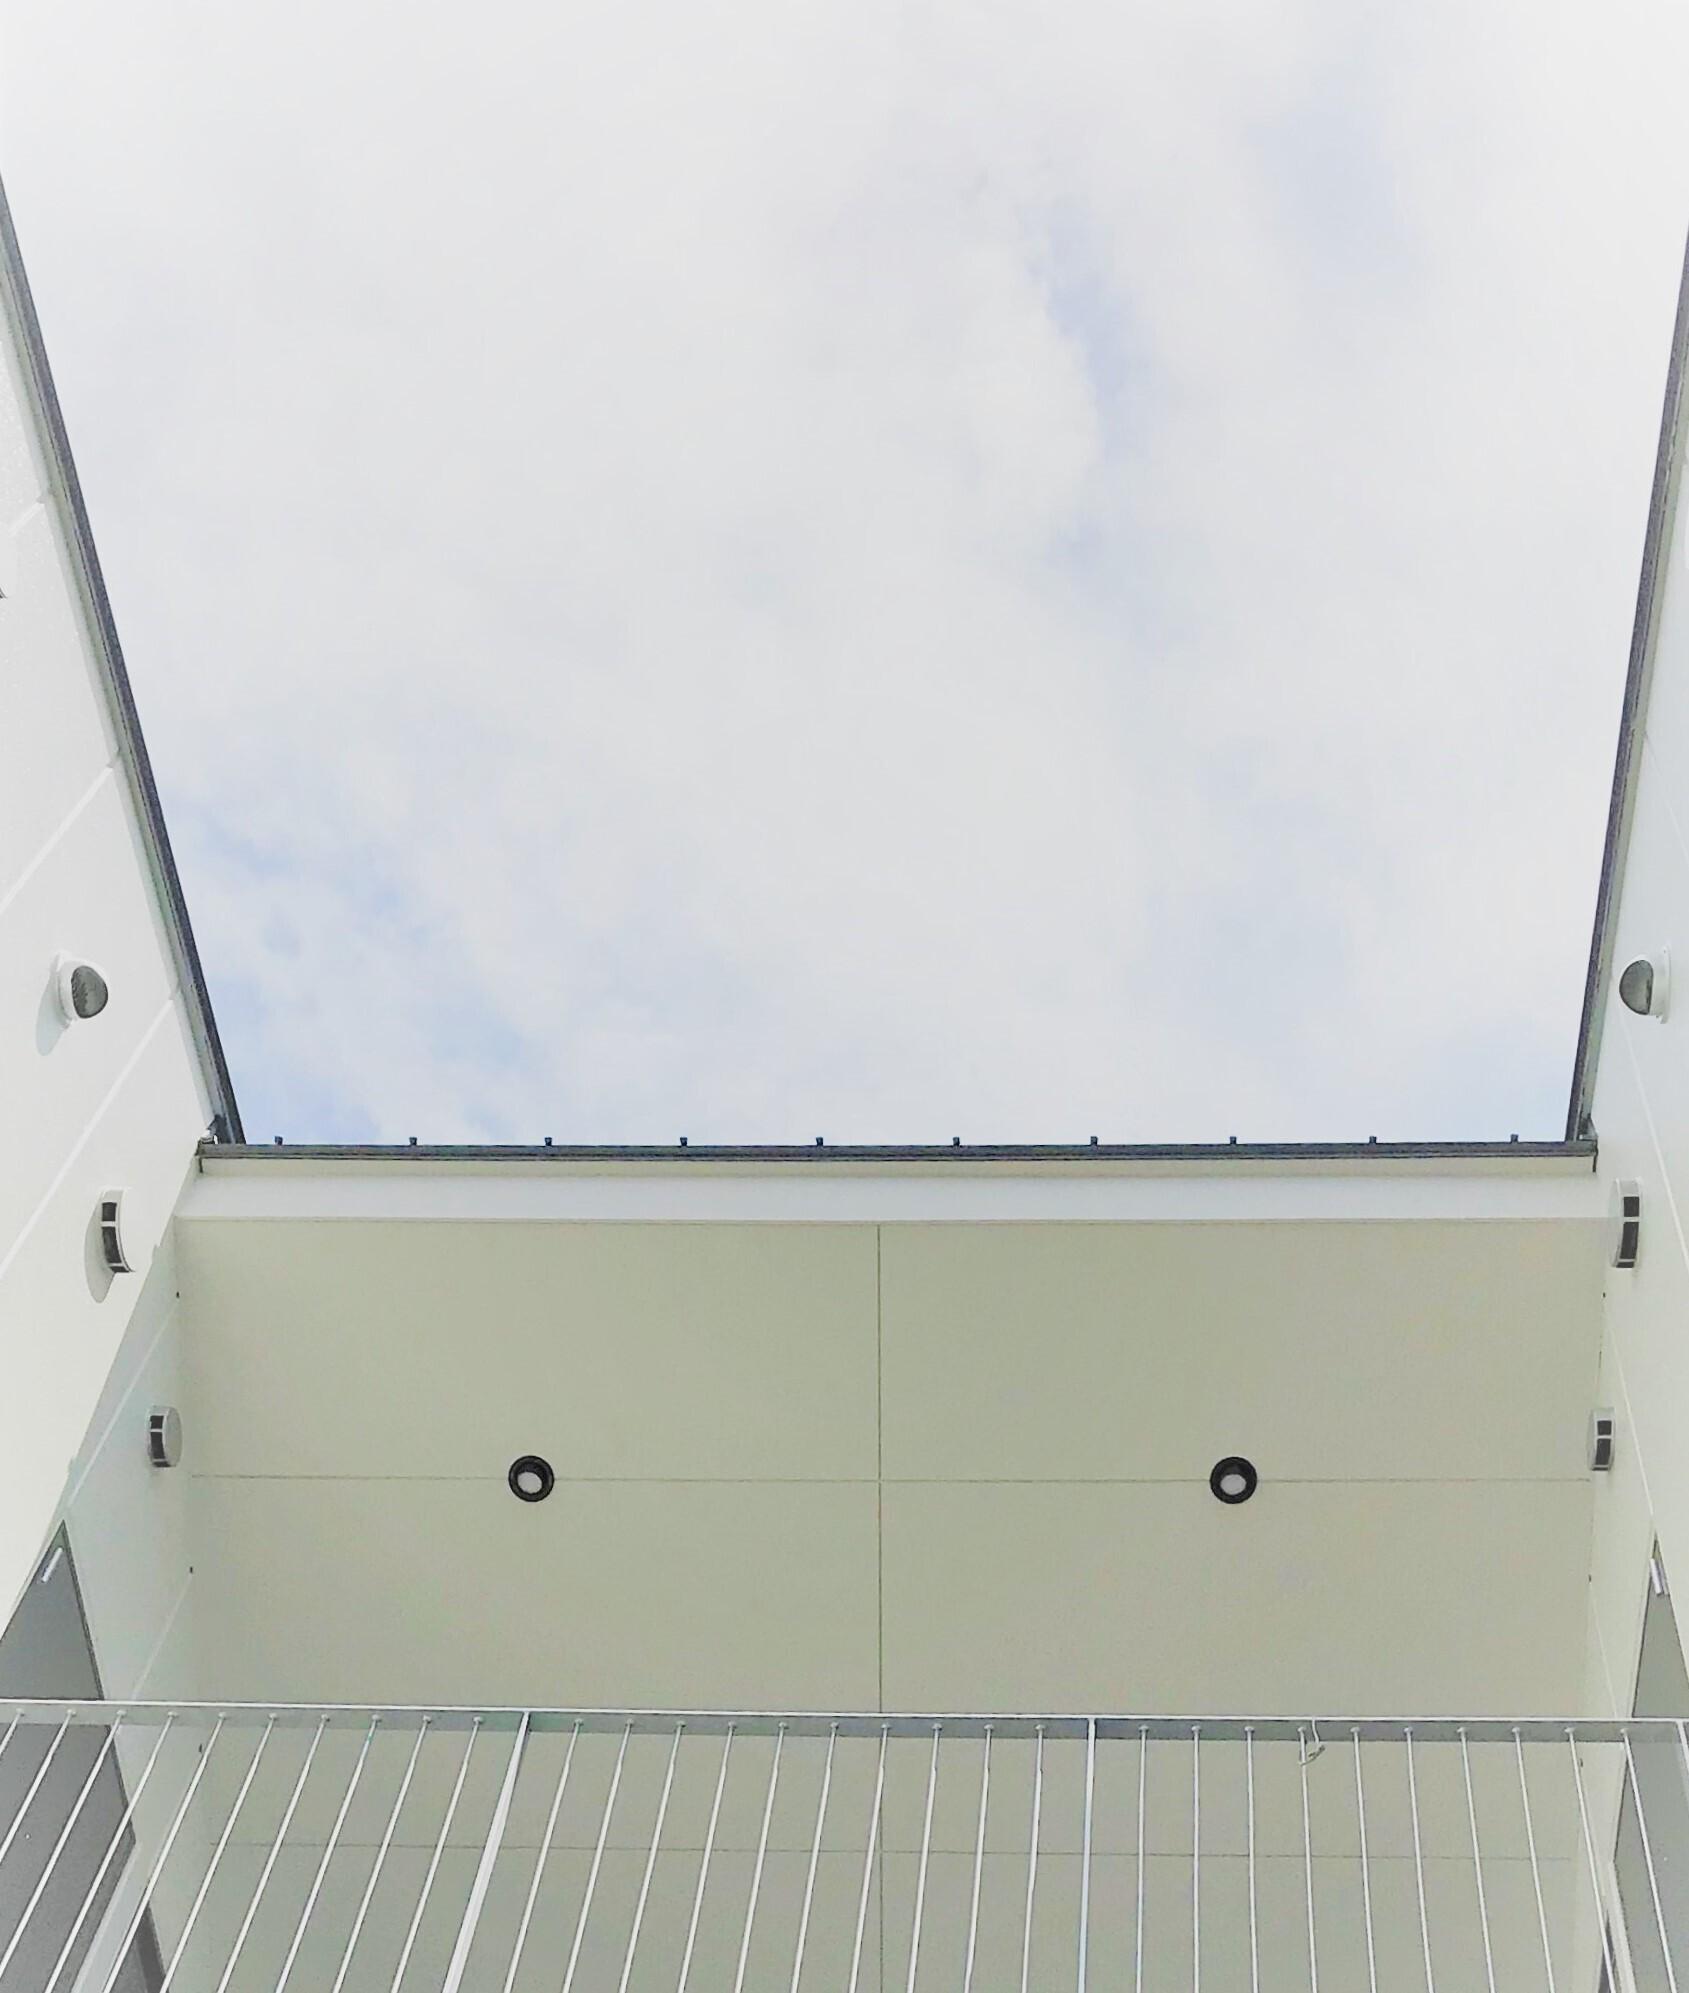 Combine-Apartment houseの建築事例写真